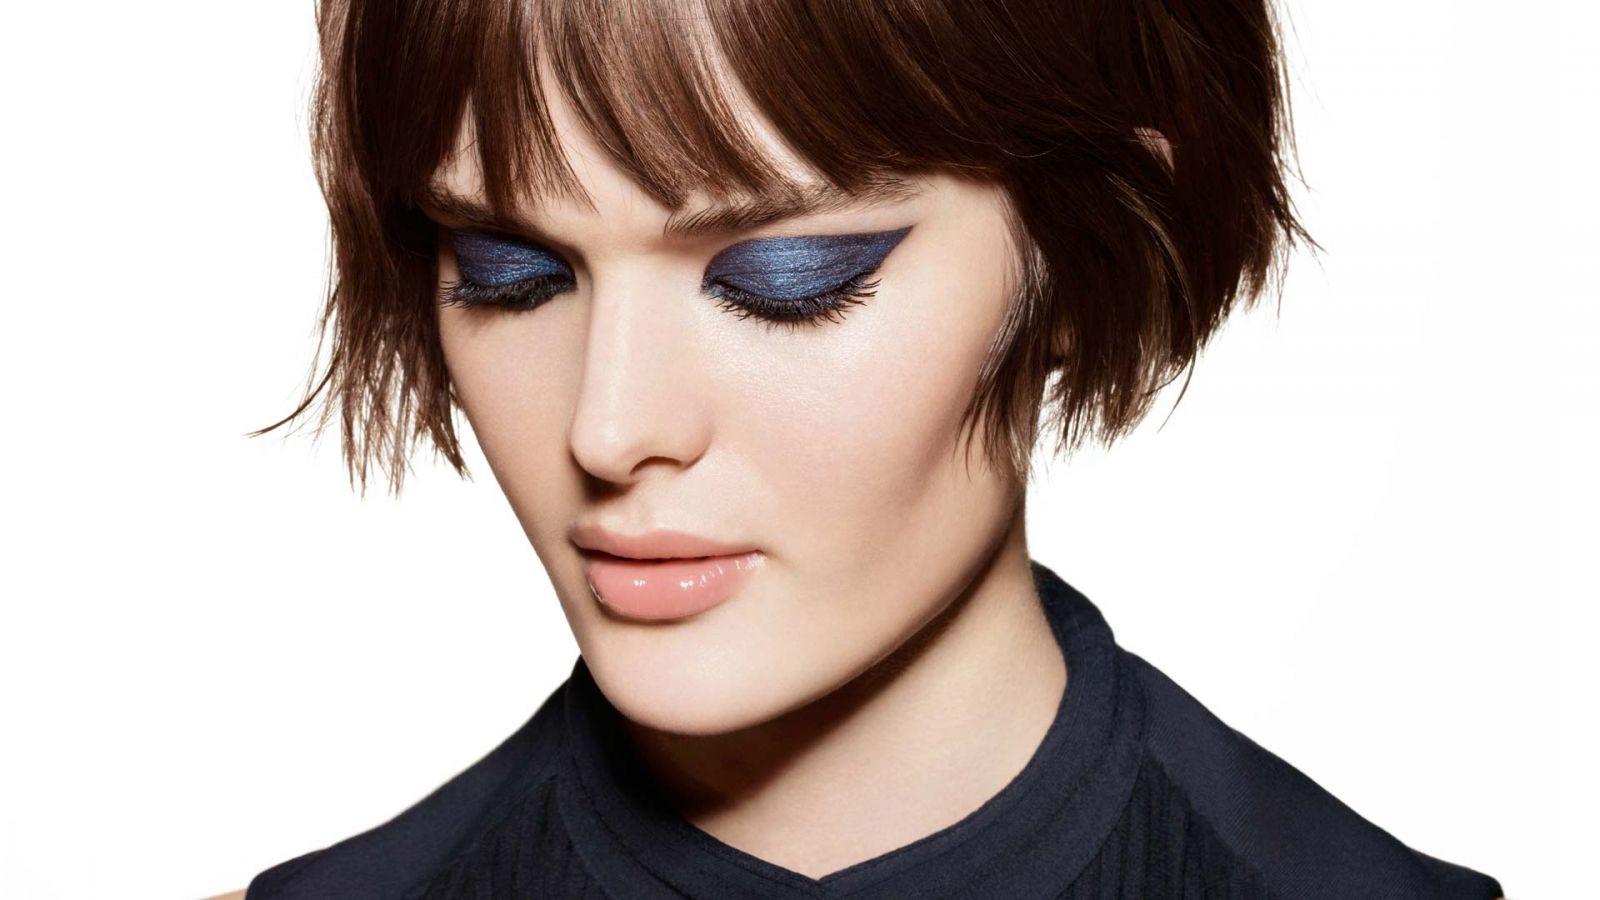 макияж осень 2015